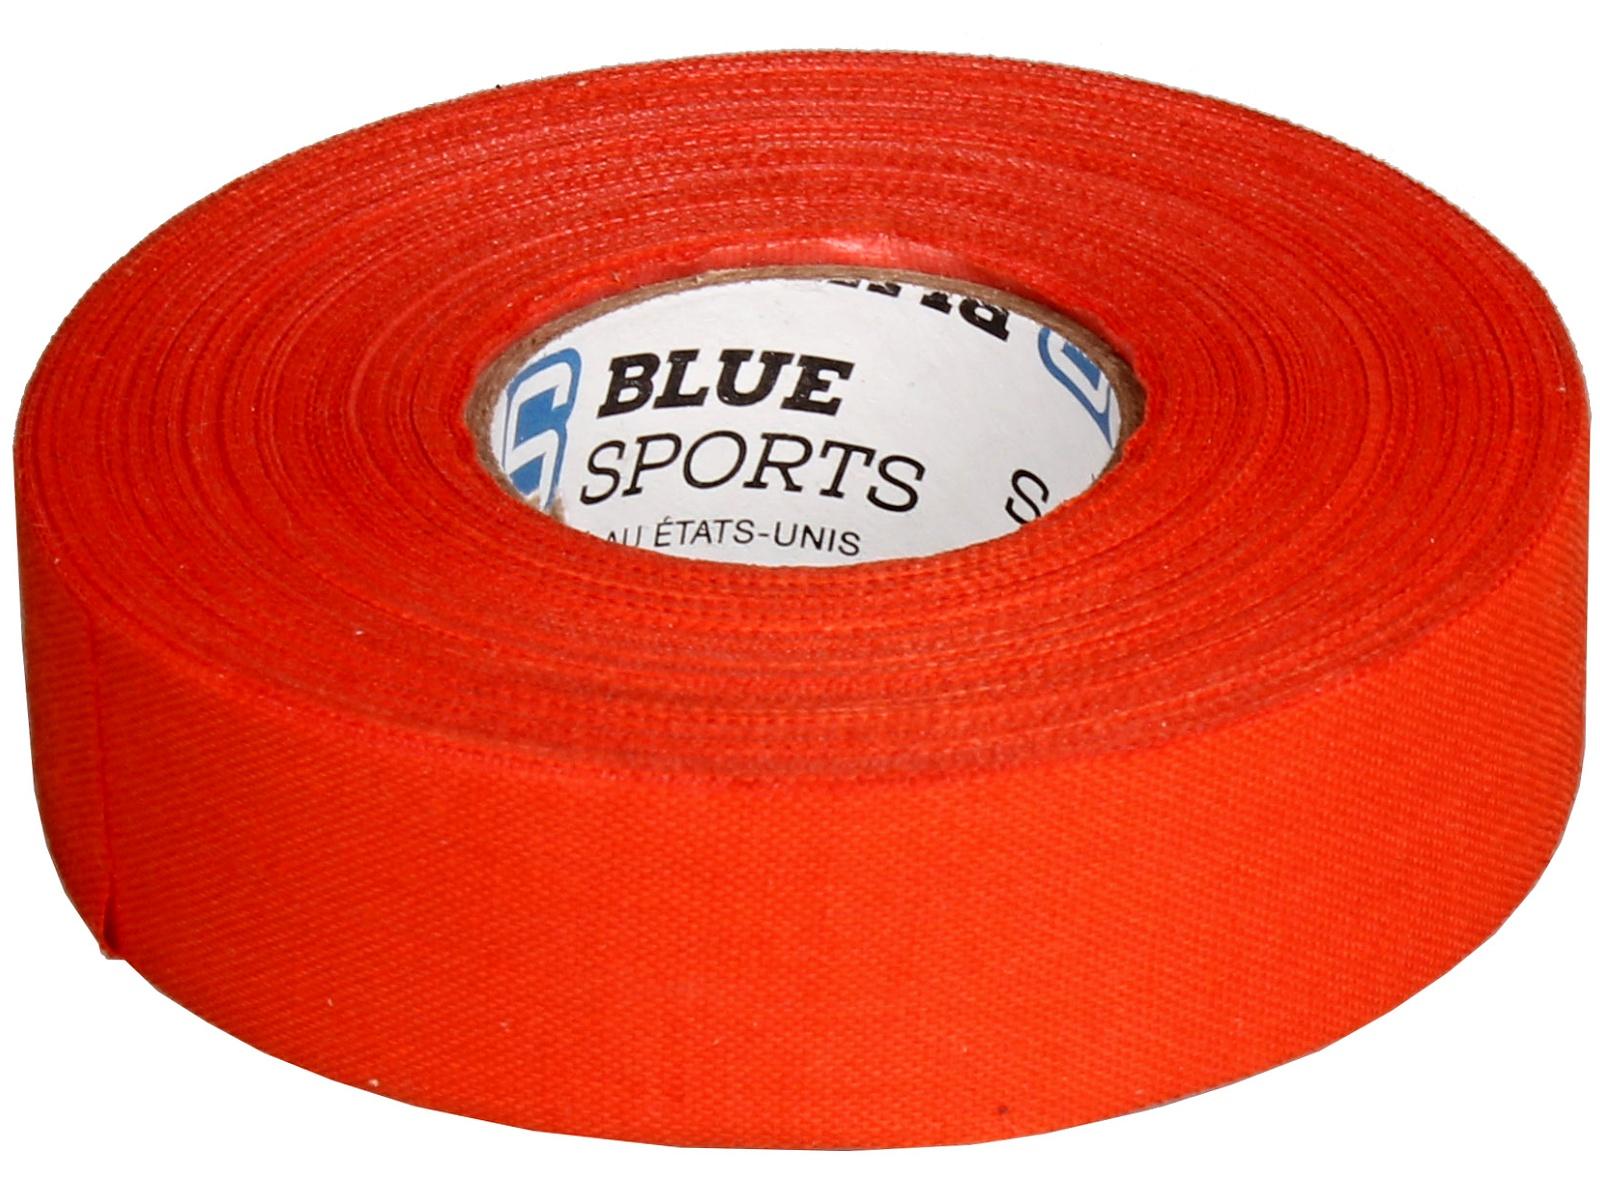 Hokejová páska BLUE Sport 25 m x 2,4 cm, netrhací - oranžová